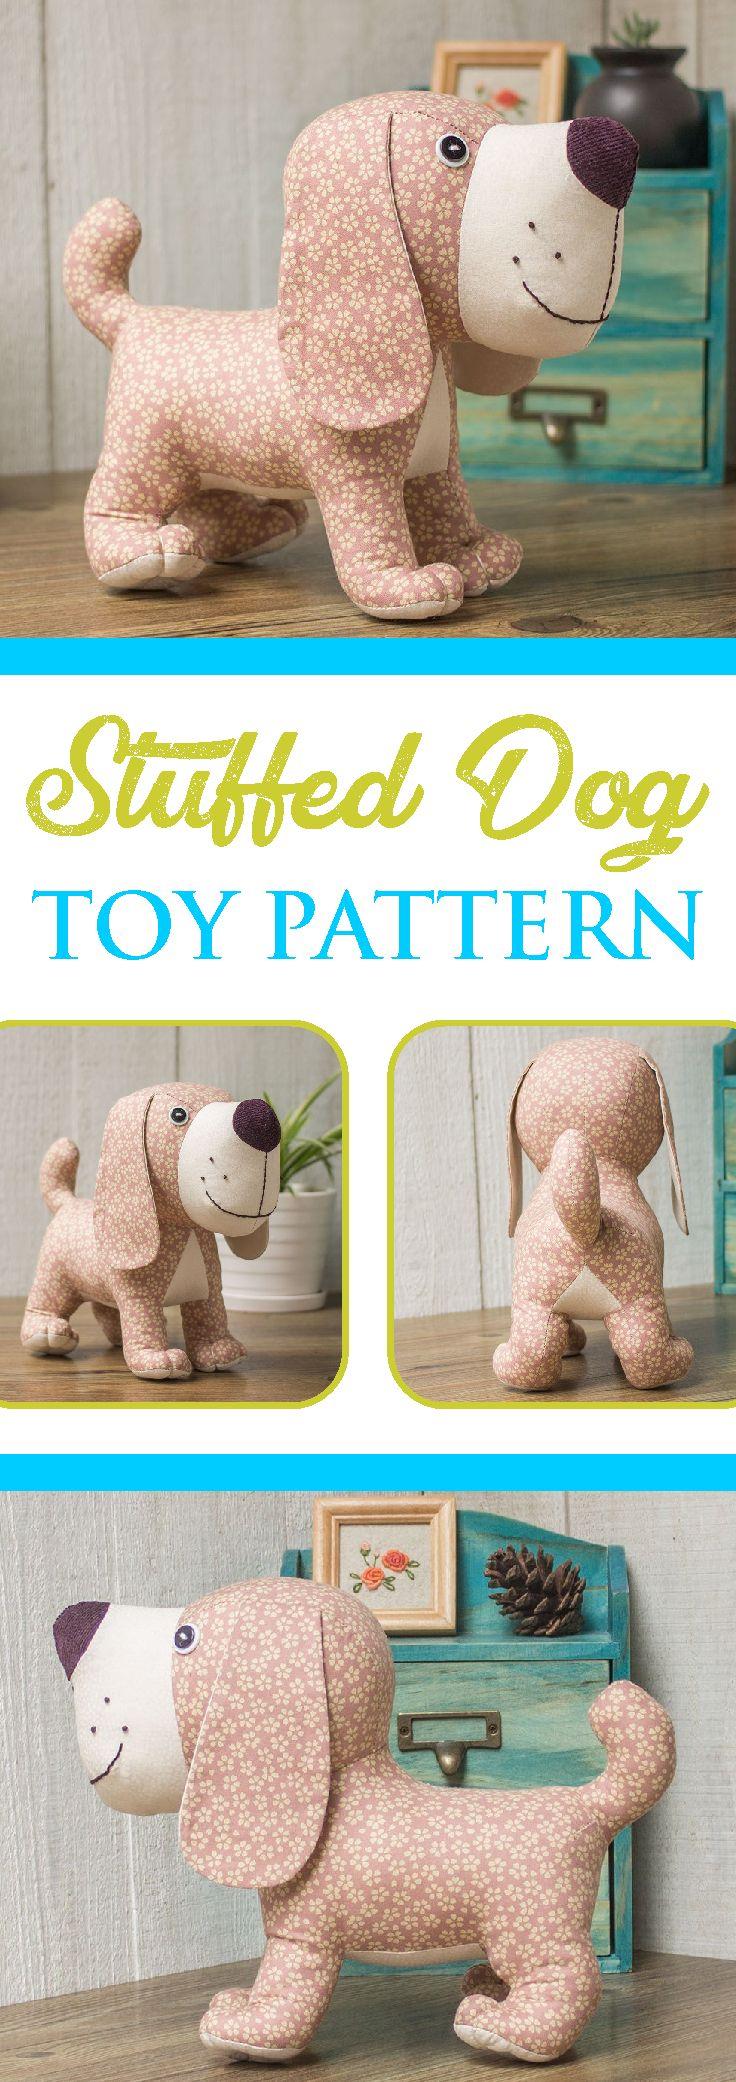 Stuffed Dog Toy Pattern Plush